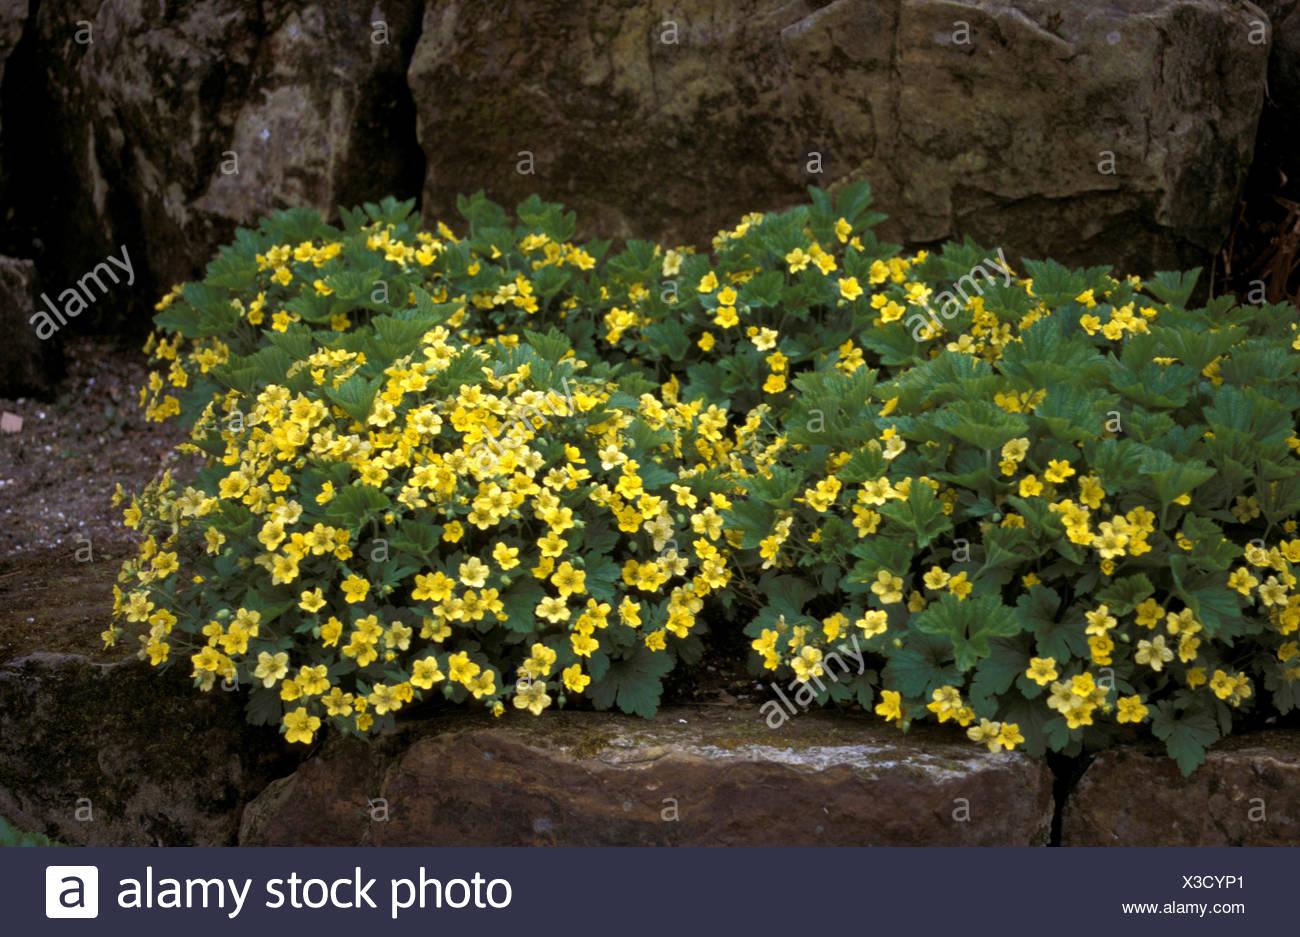 Waldsteinia geoides evergreen perennial ground cover yellow flowers waldsteinia geoides evergreen perennial ground cover yellow flowers summer mightylinksfo